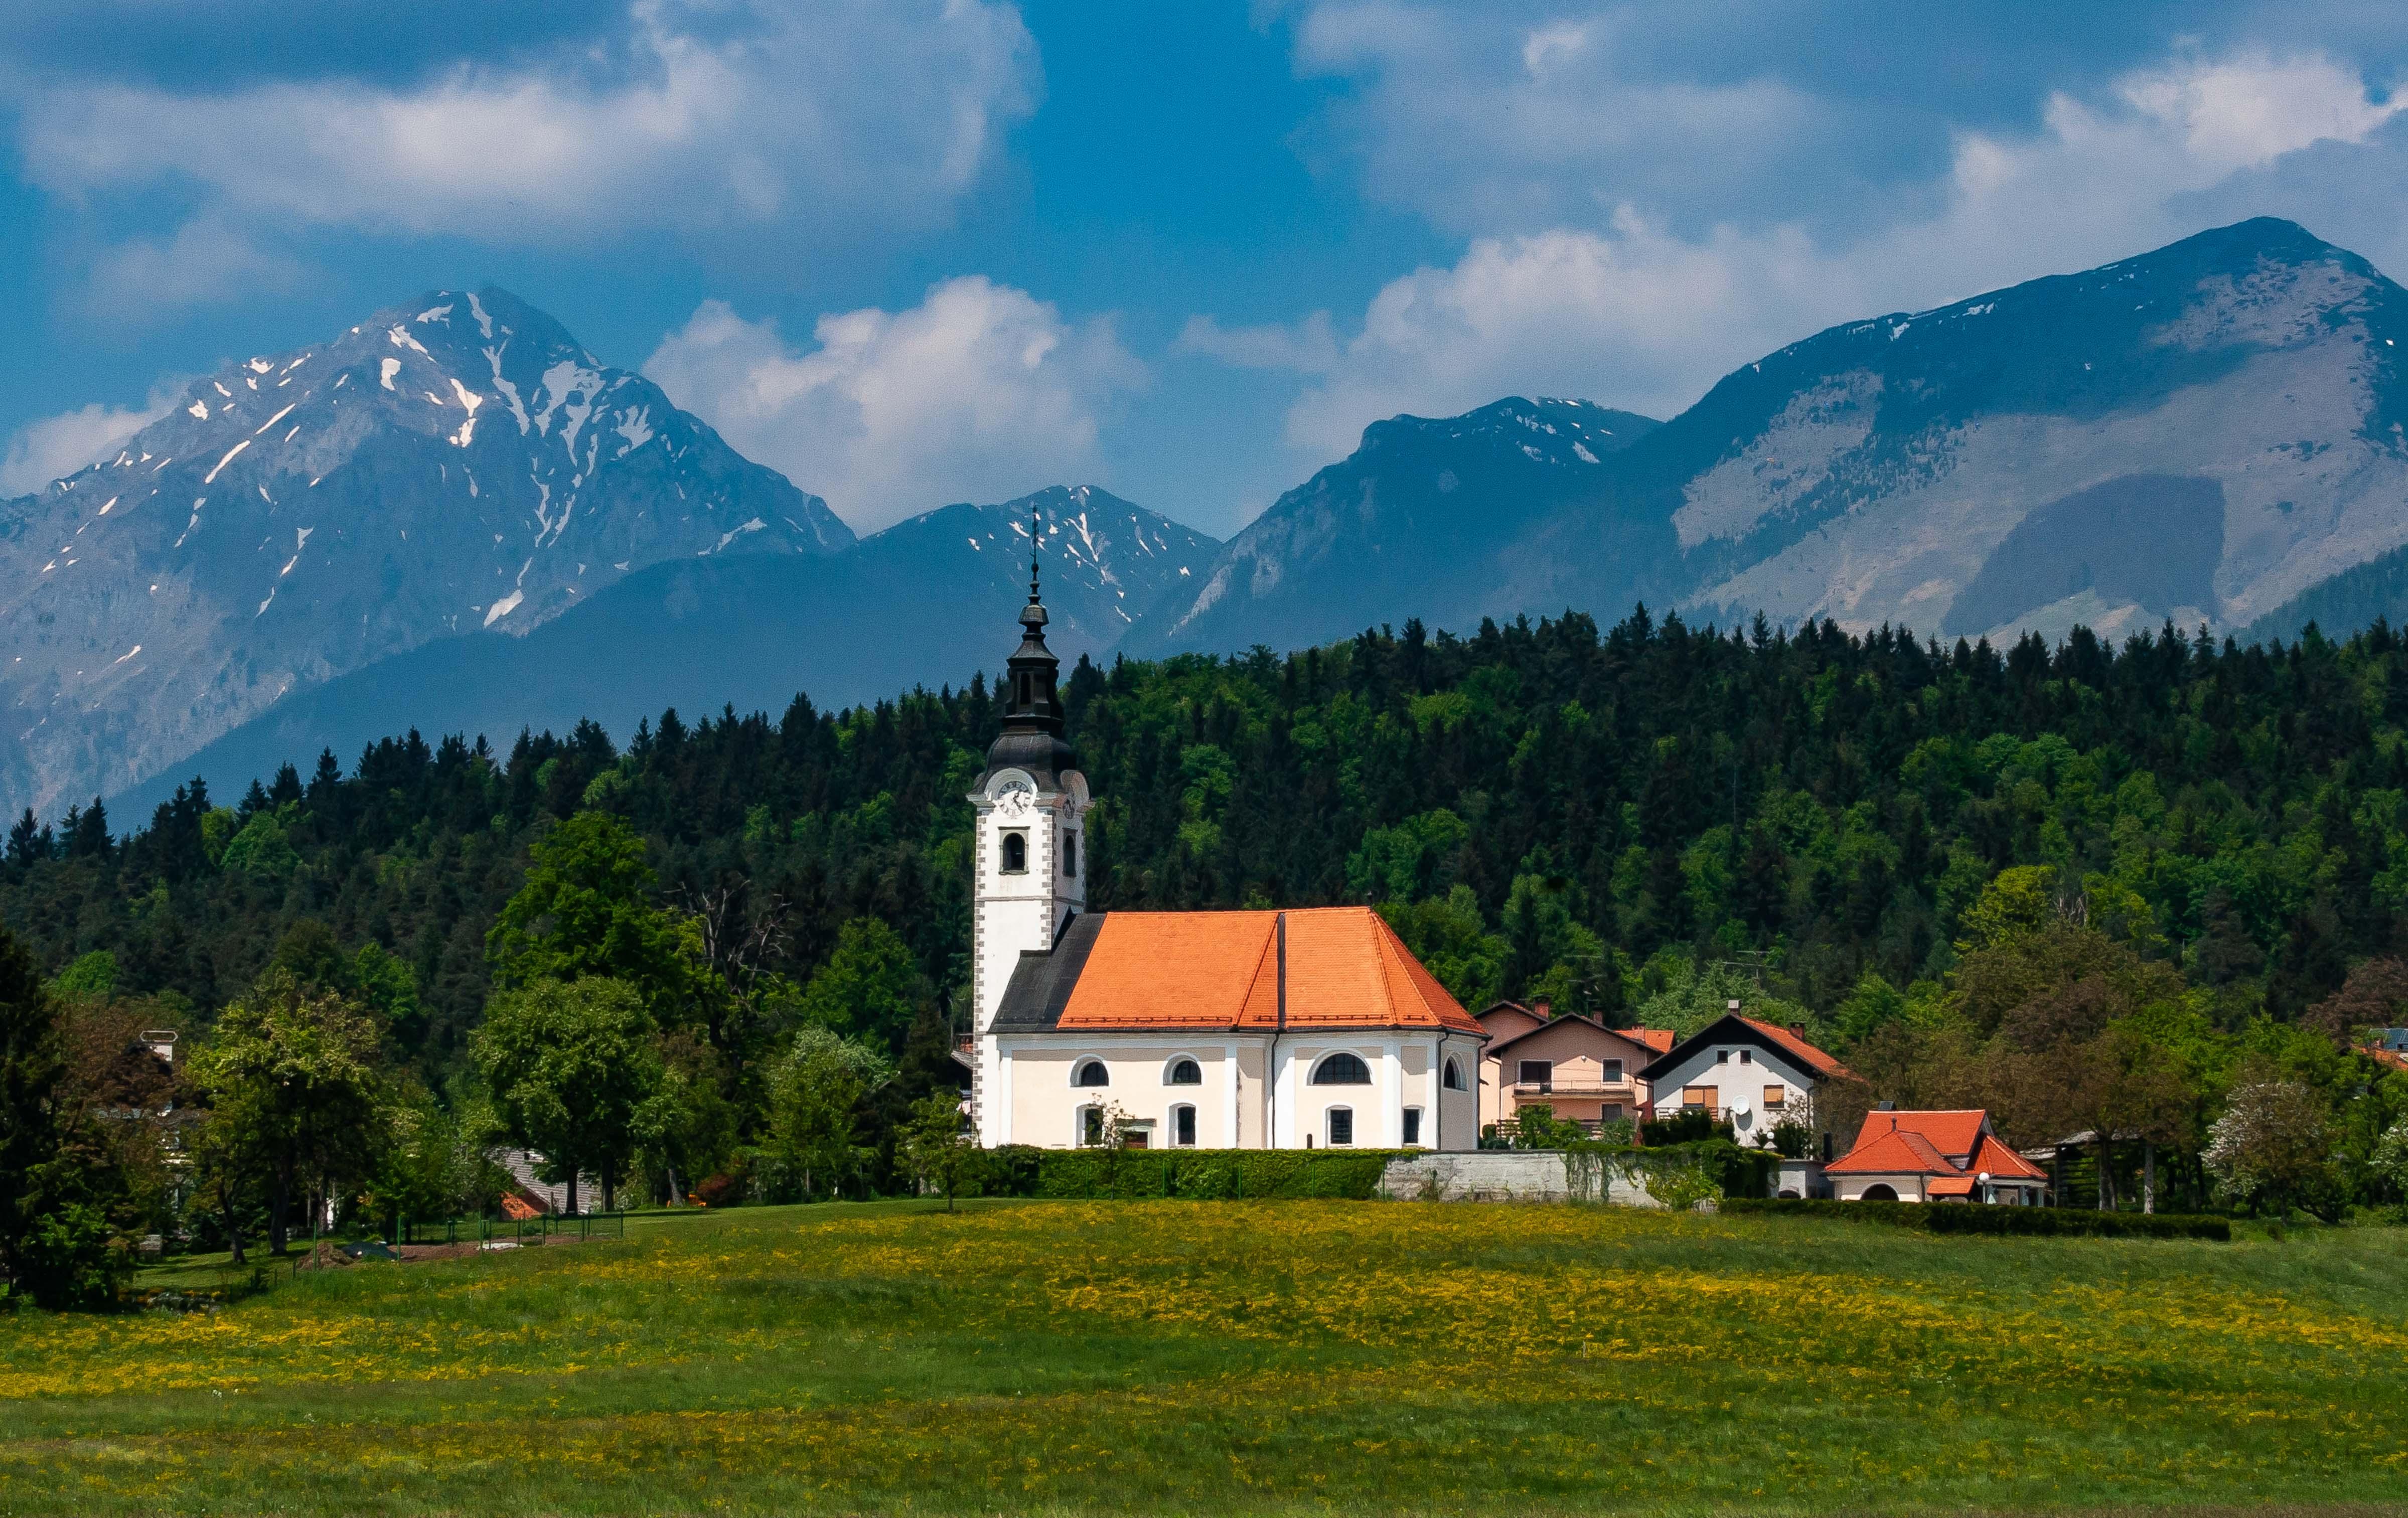 Slovenia, Cerklje Na Gorenjskem Prov, Village Church And Landscape, 2006, IMG 6021